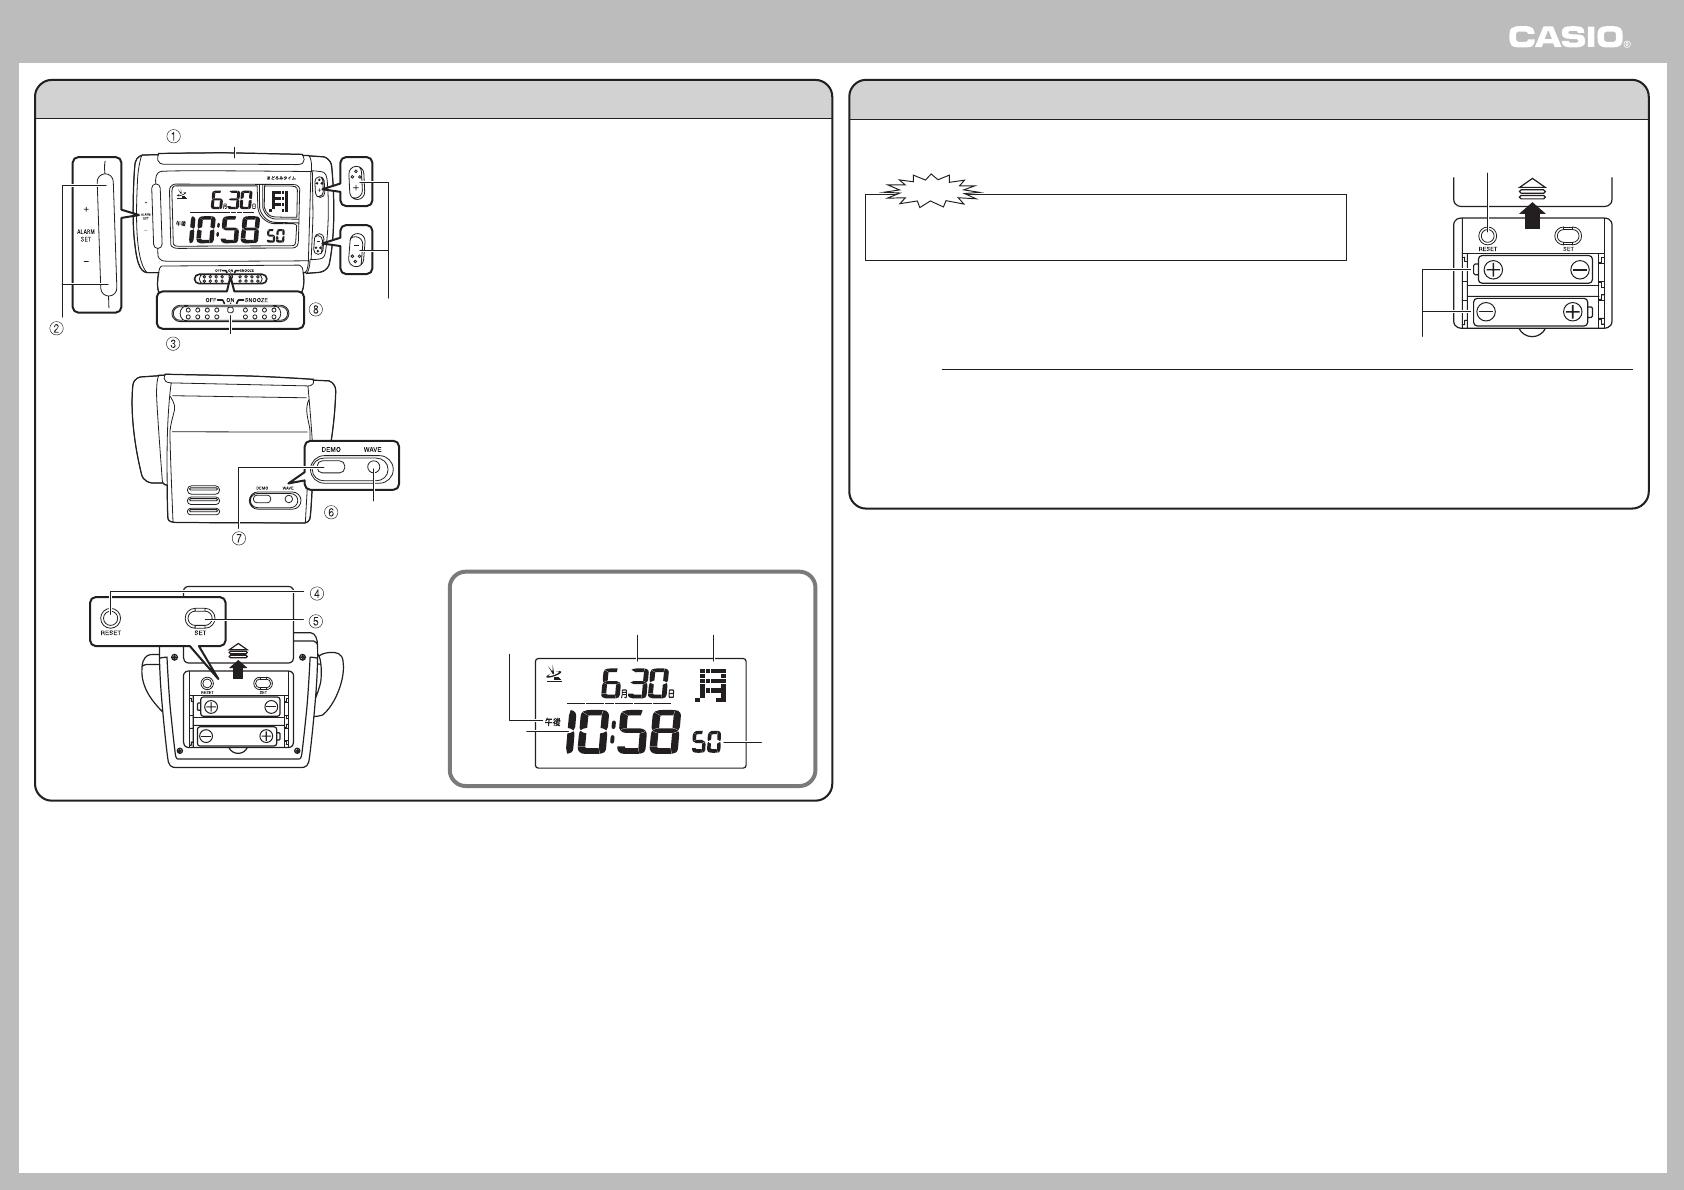 Casio Dqd 500J Users Manual DQD500J